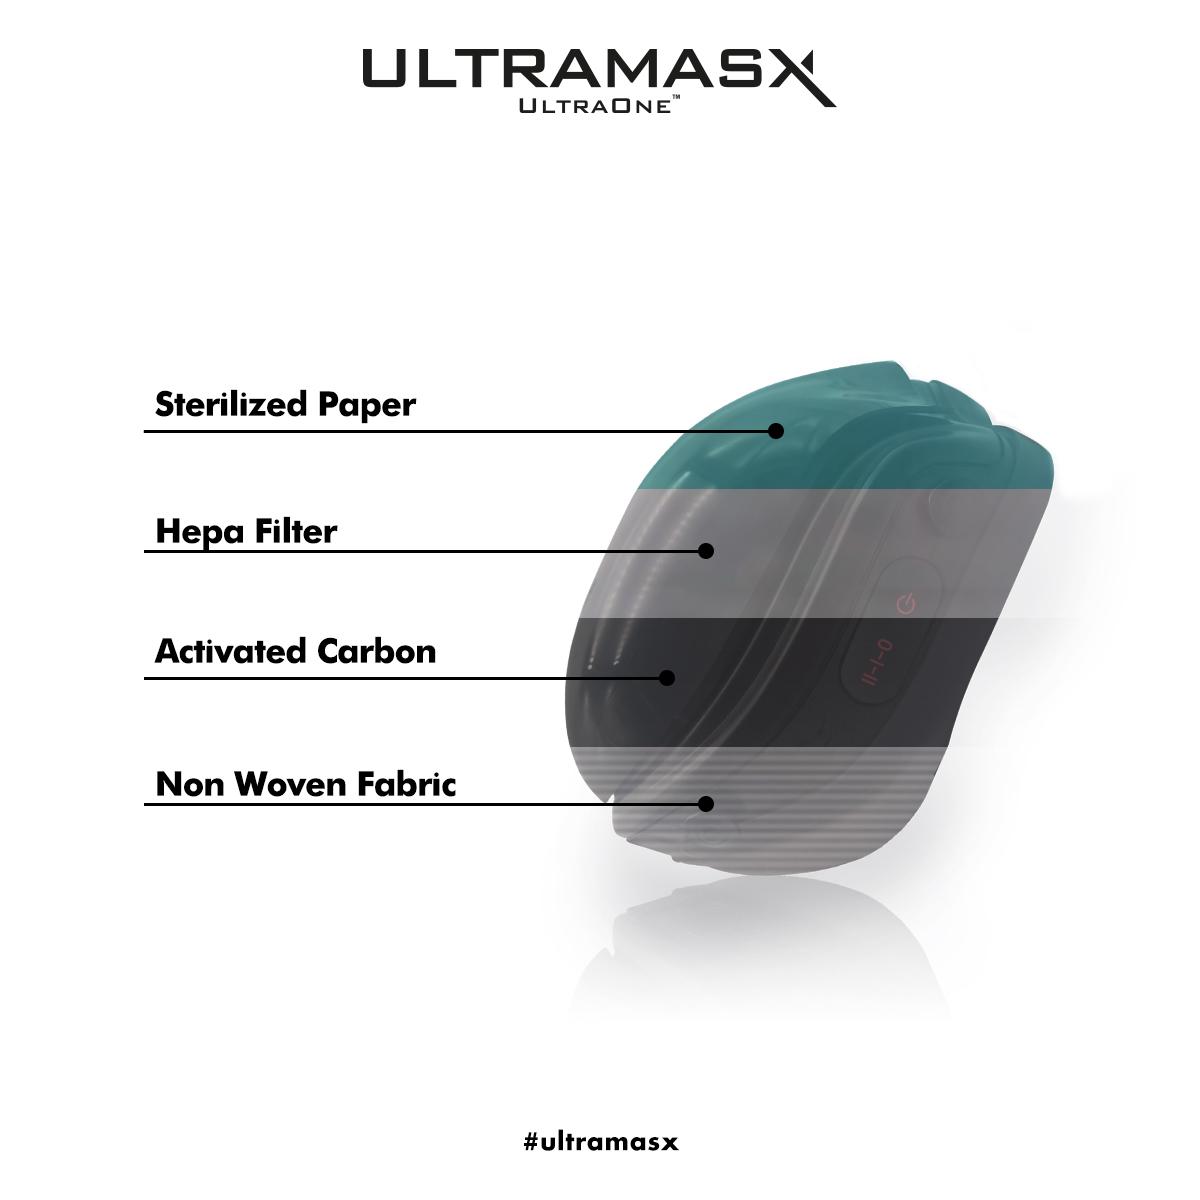 1_Infograph-schemescheme-Ultramasx